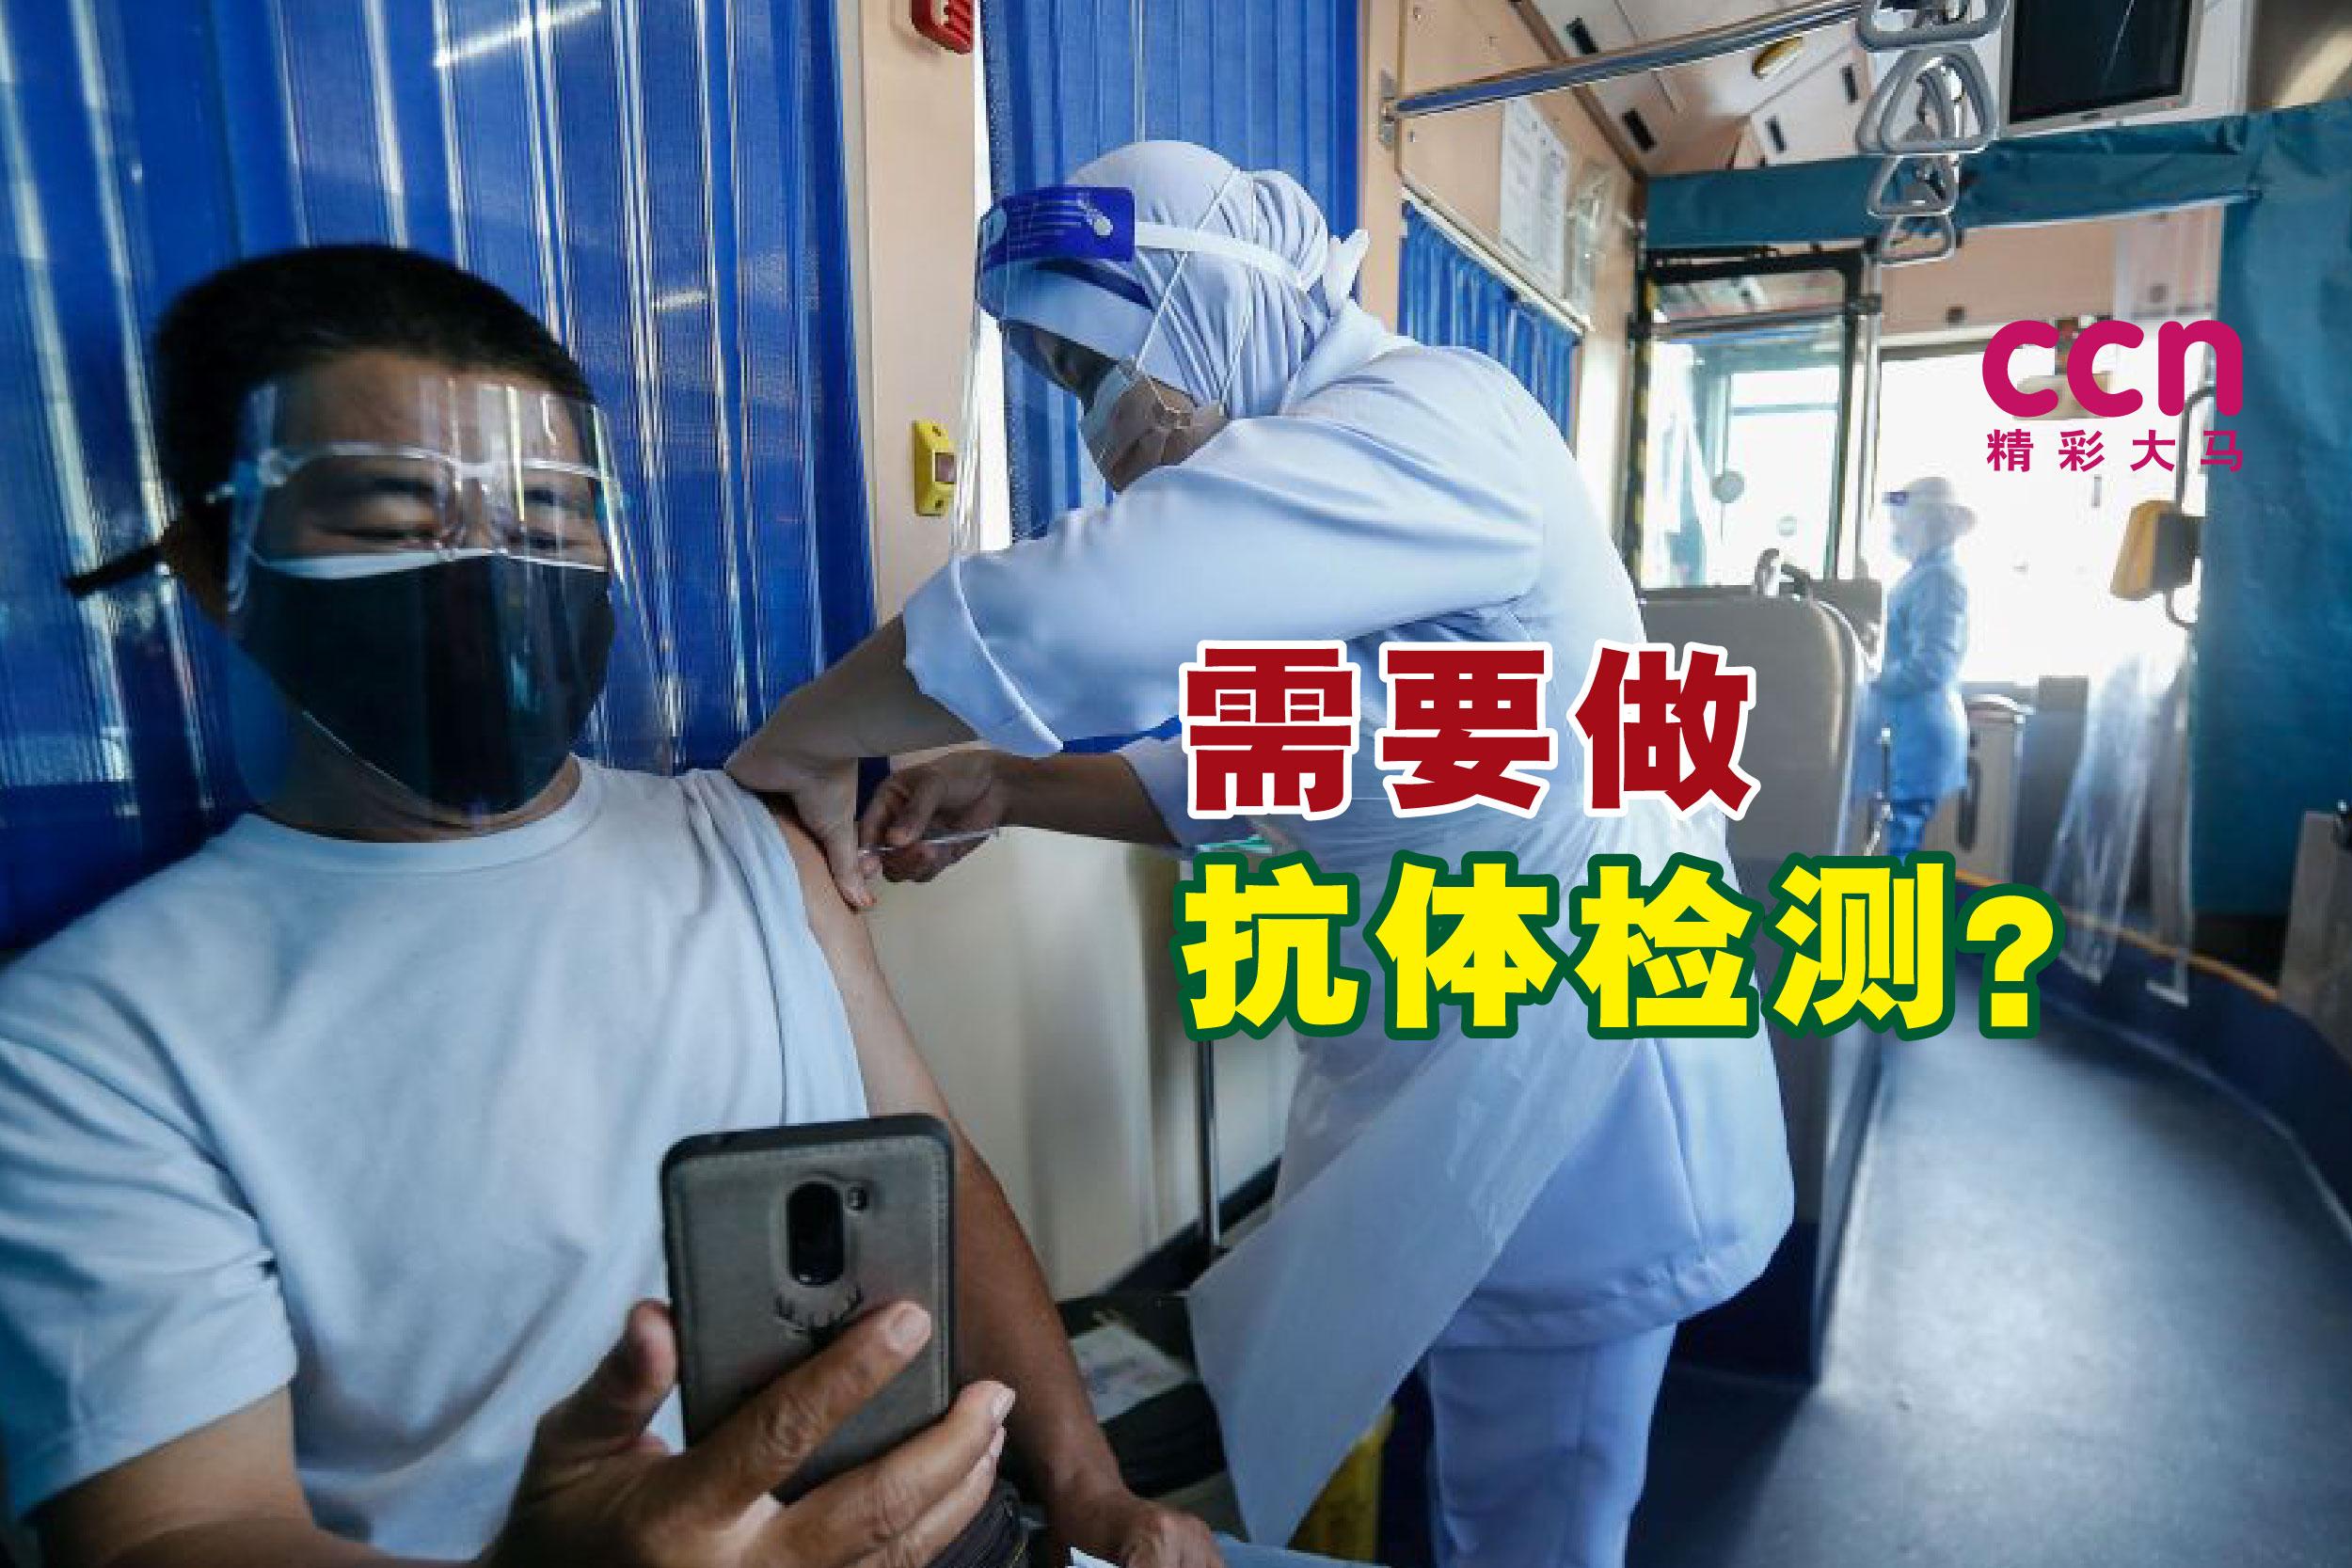 一名男子在接种疫苗时,使用手机拍下接种疫苗过程。-Sayuti Zainudin摄/精彩大马制图-